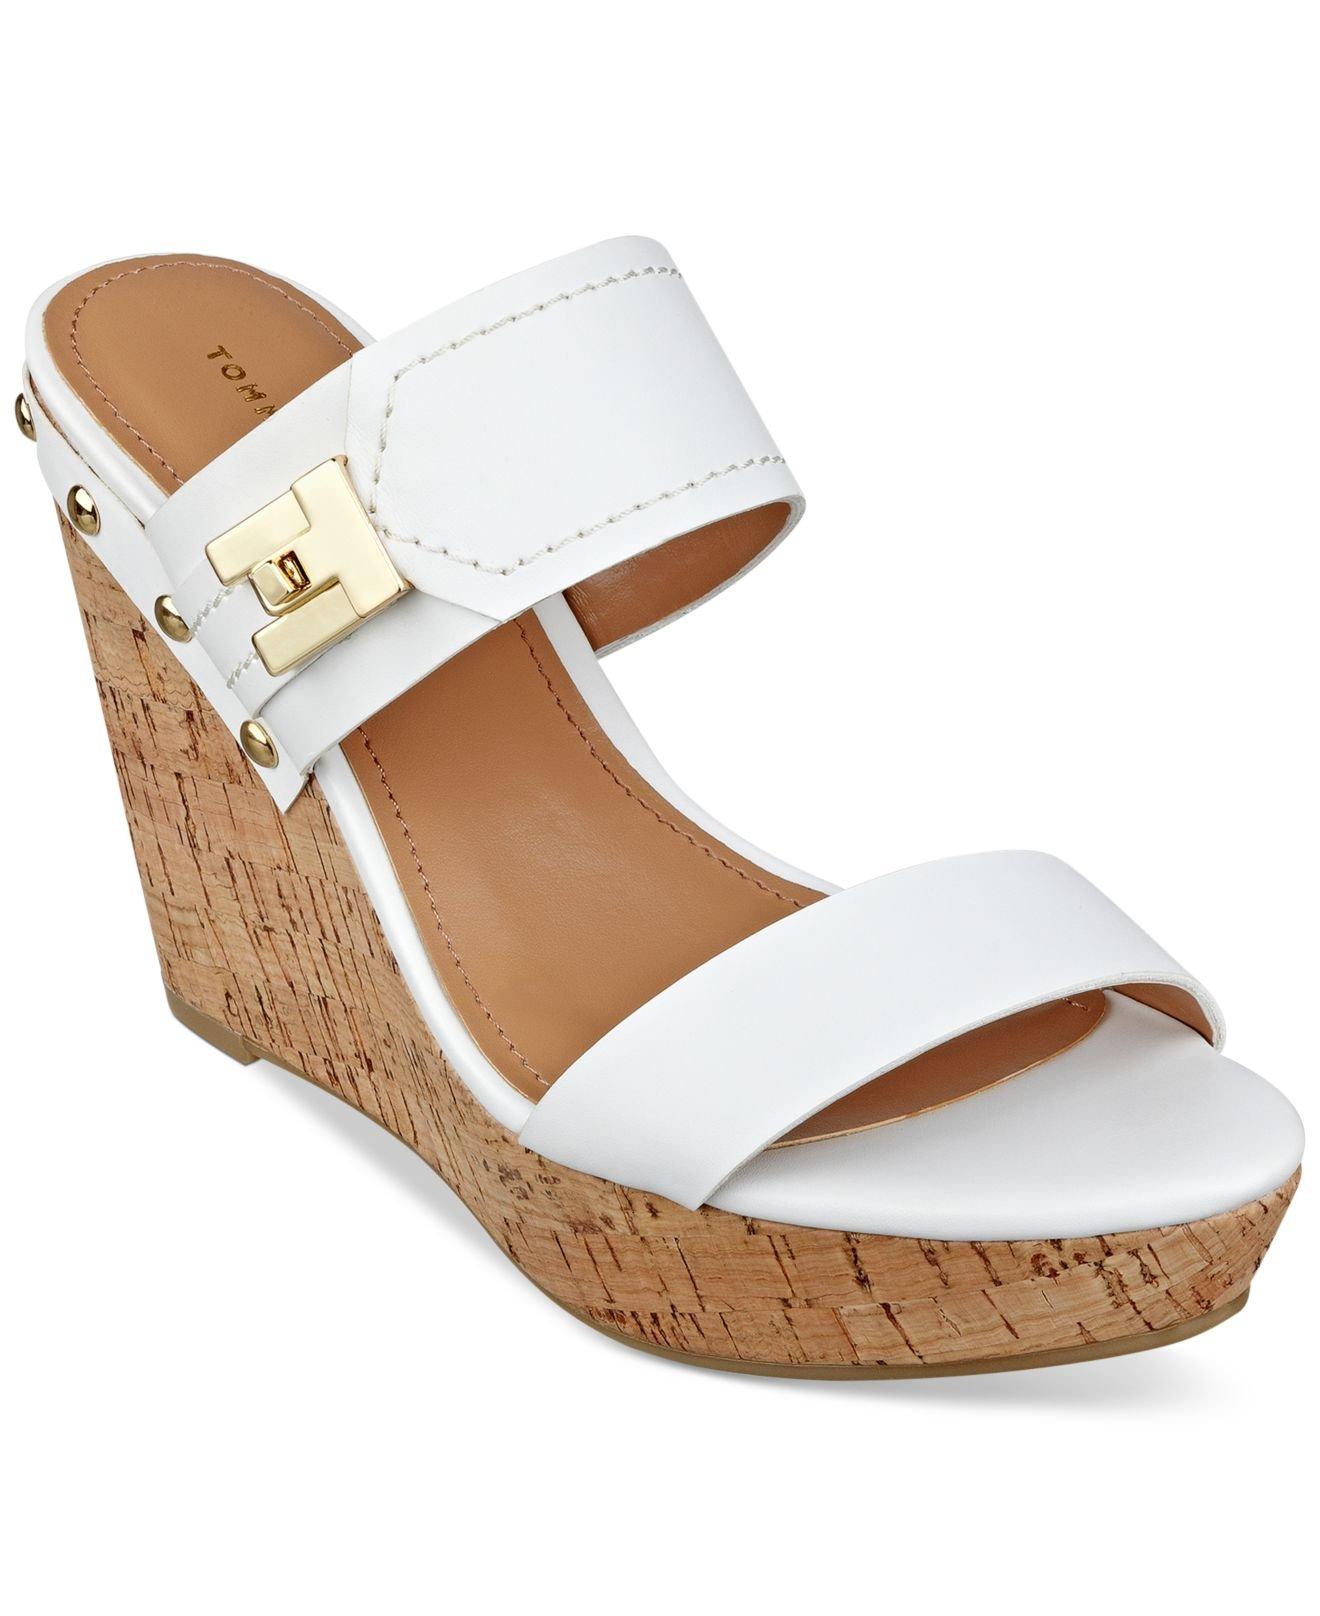 522f8c0857be Lyst - Tommy Hilfiger Women s Madasen Platform Wedge Sandals in White